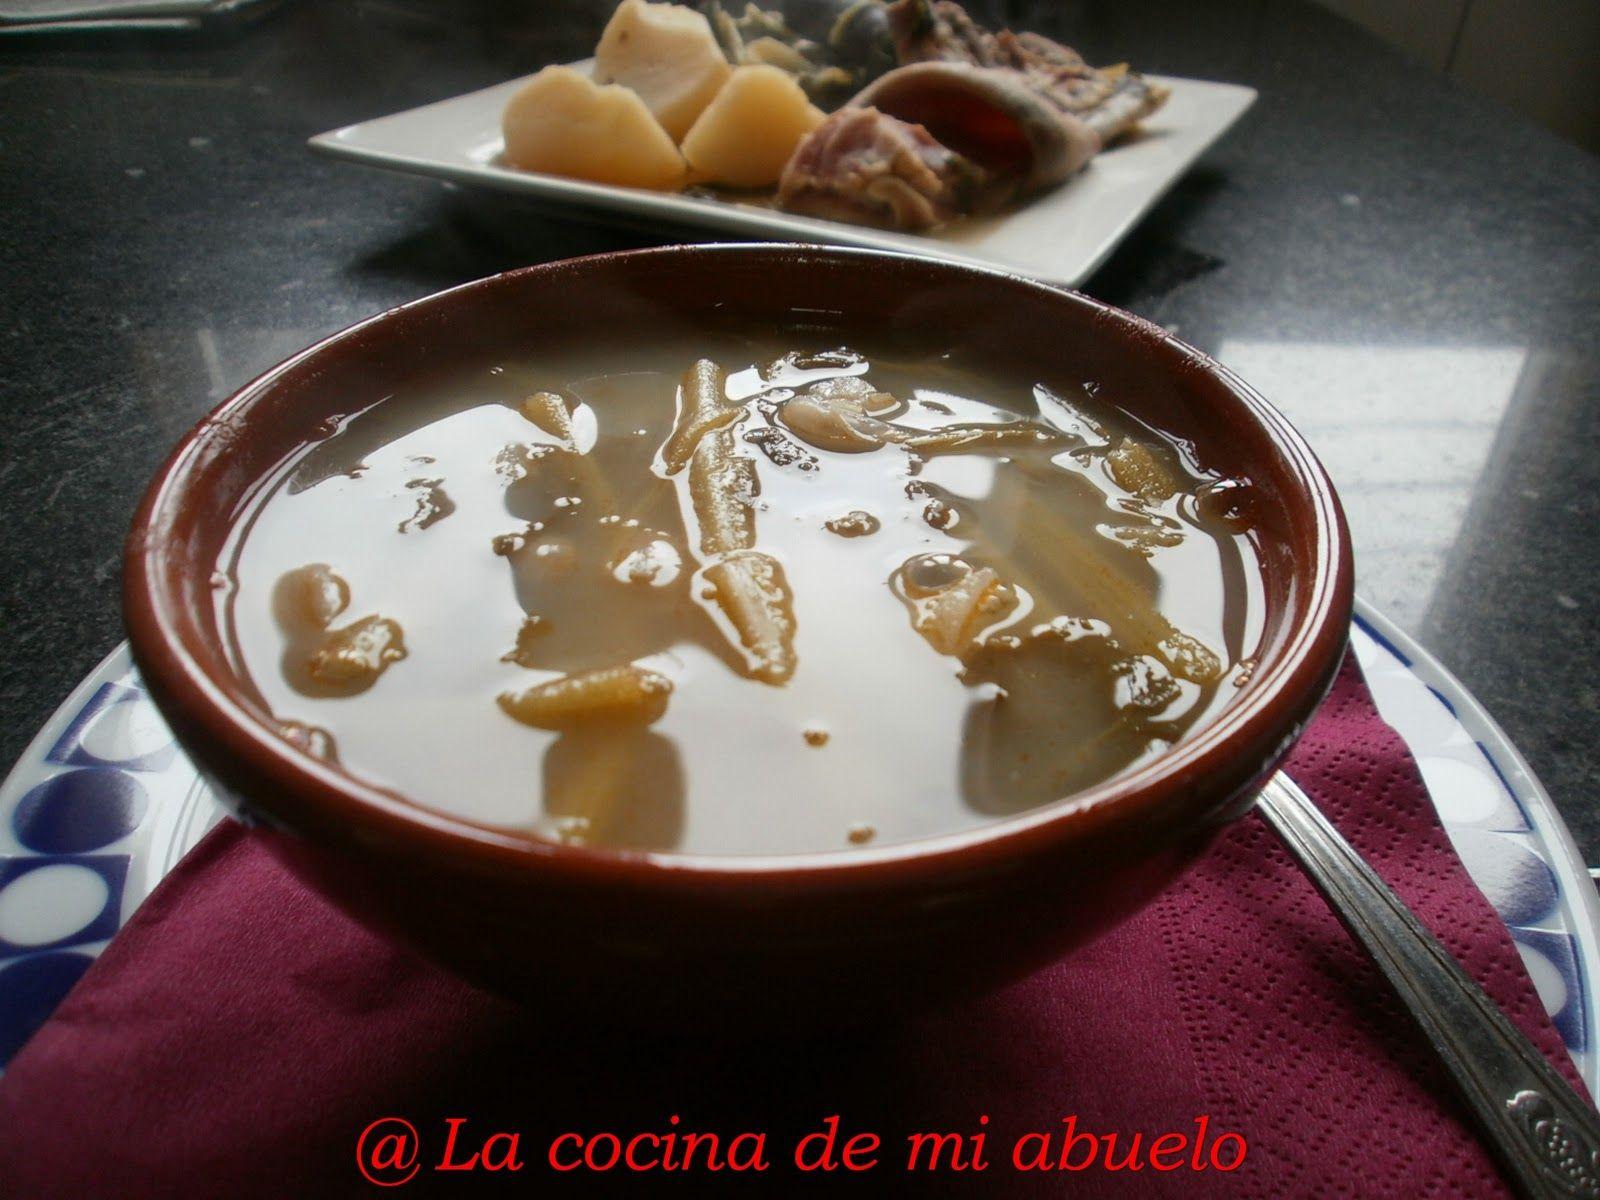 Cocina De Mi Abuelo | La Cocina De Mi Abuelo Caldo Gallego Cocina Cooking Cocinas